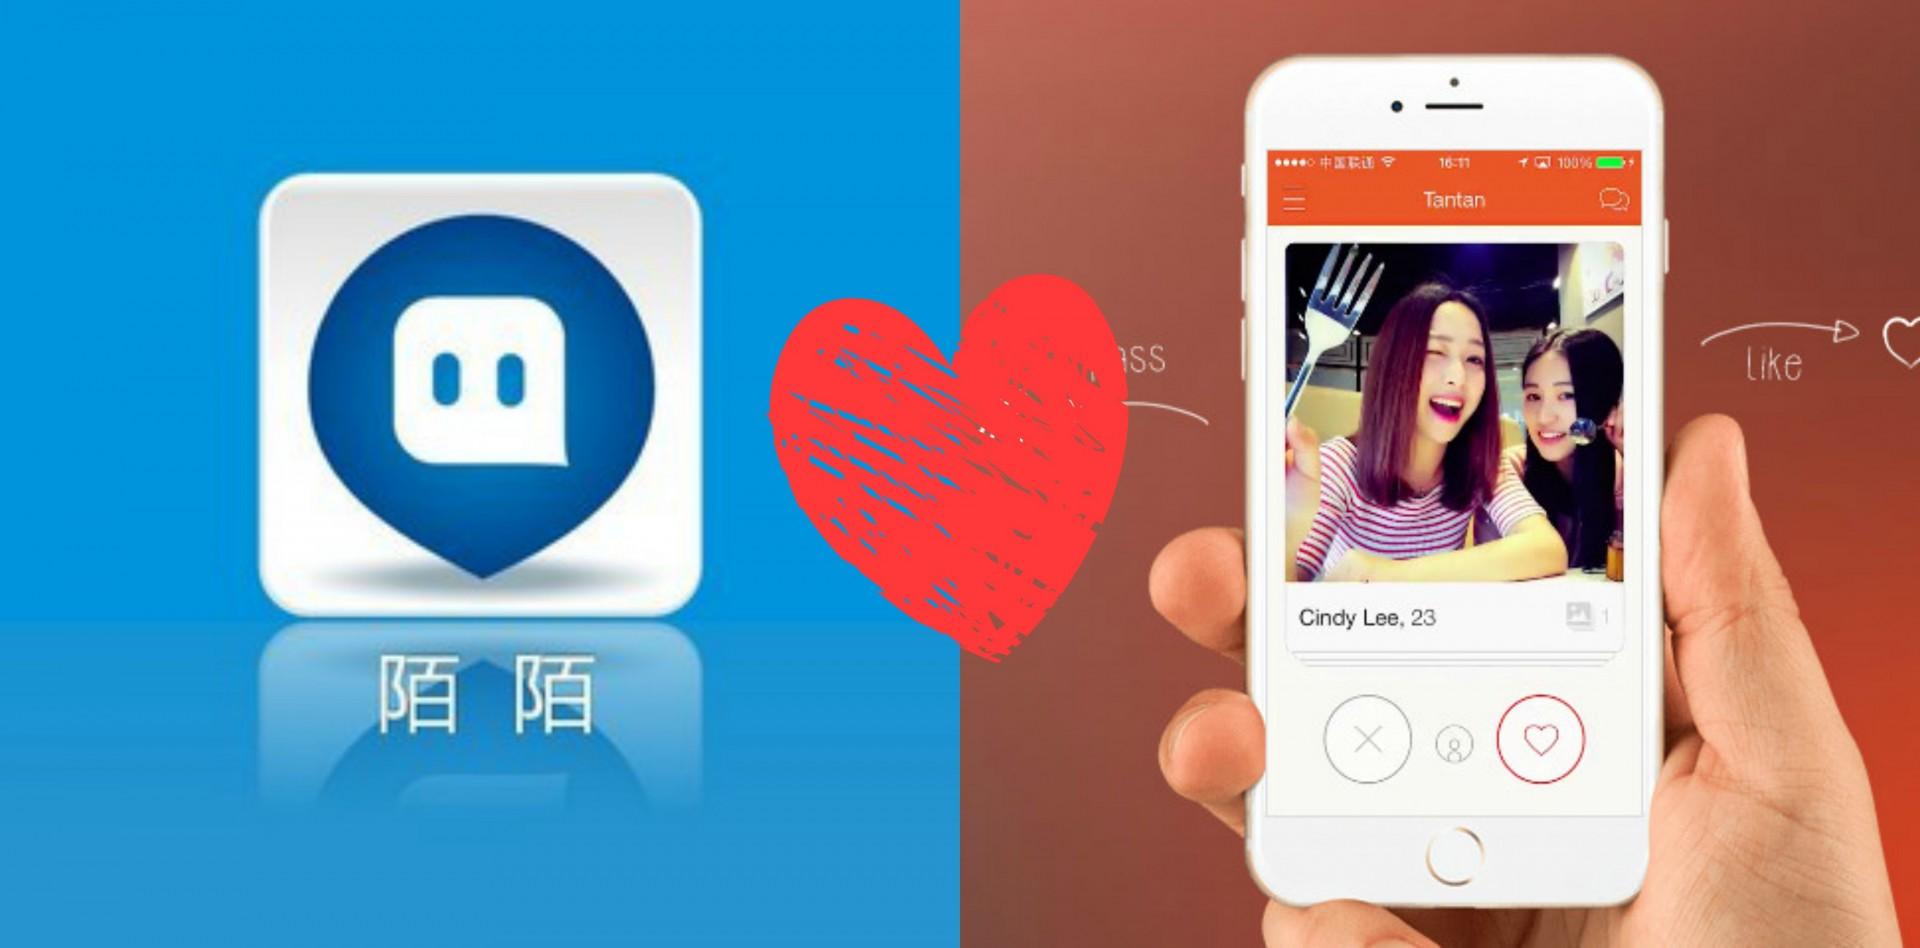 Tantan dating app download